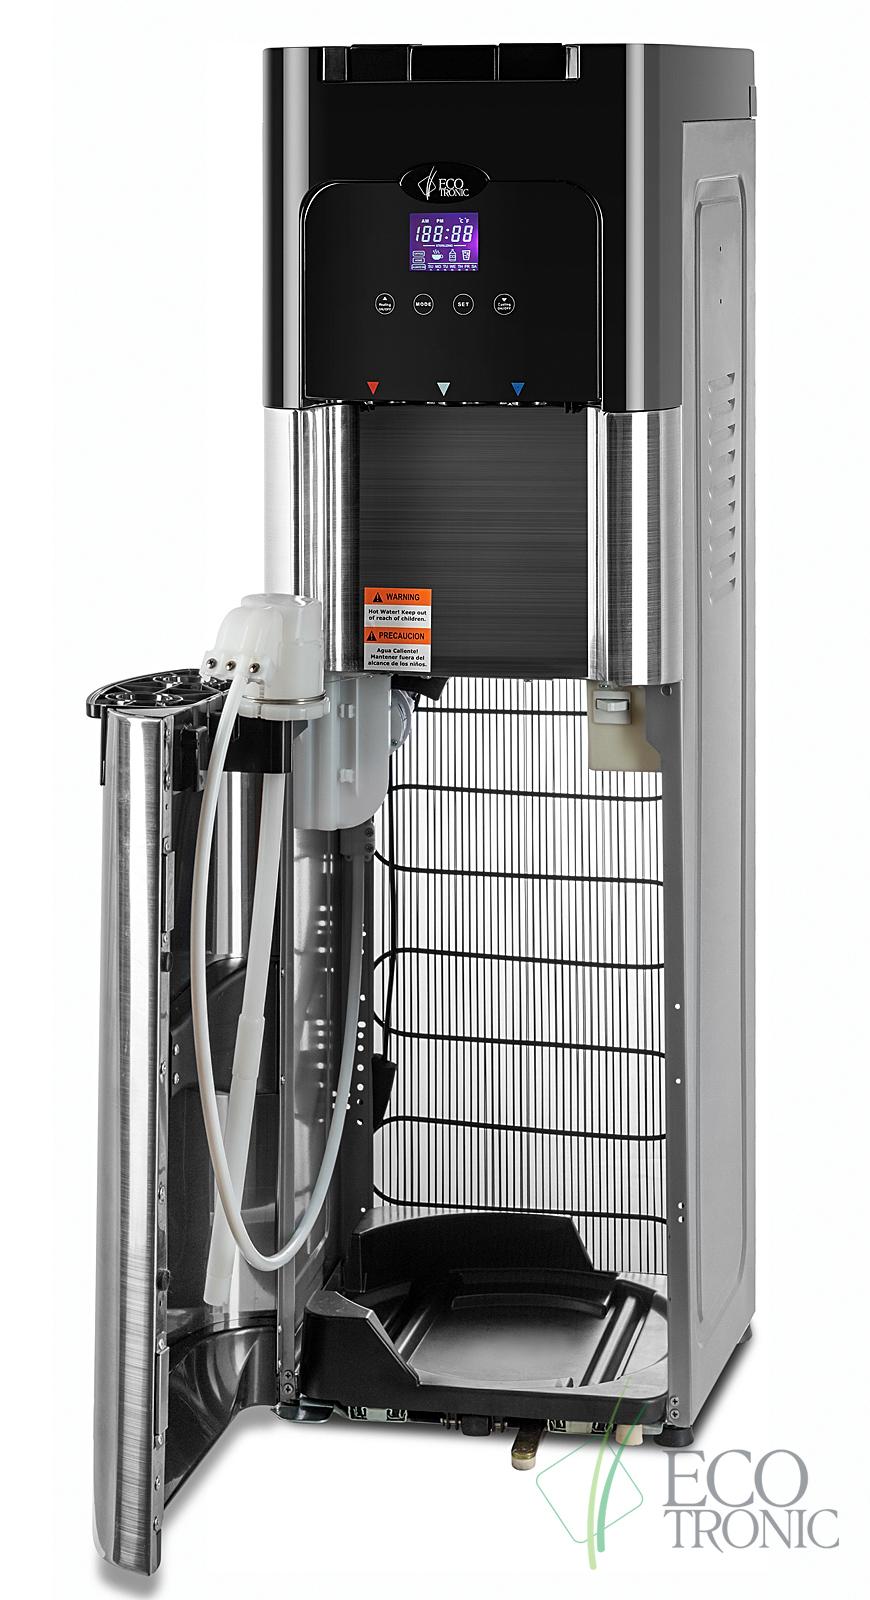 Кулер Ecotronic C11-LXPM с нижней загрузкой бутыли